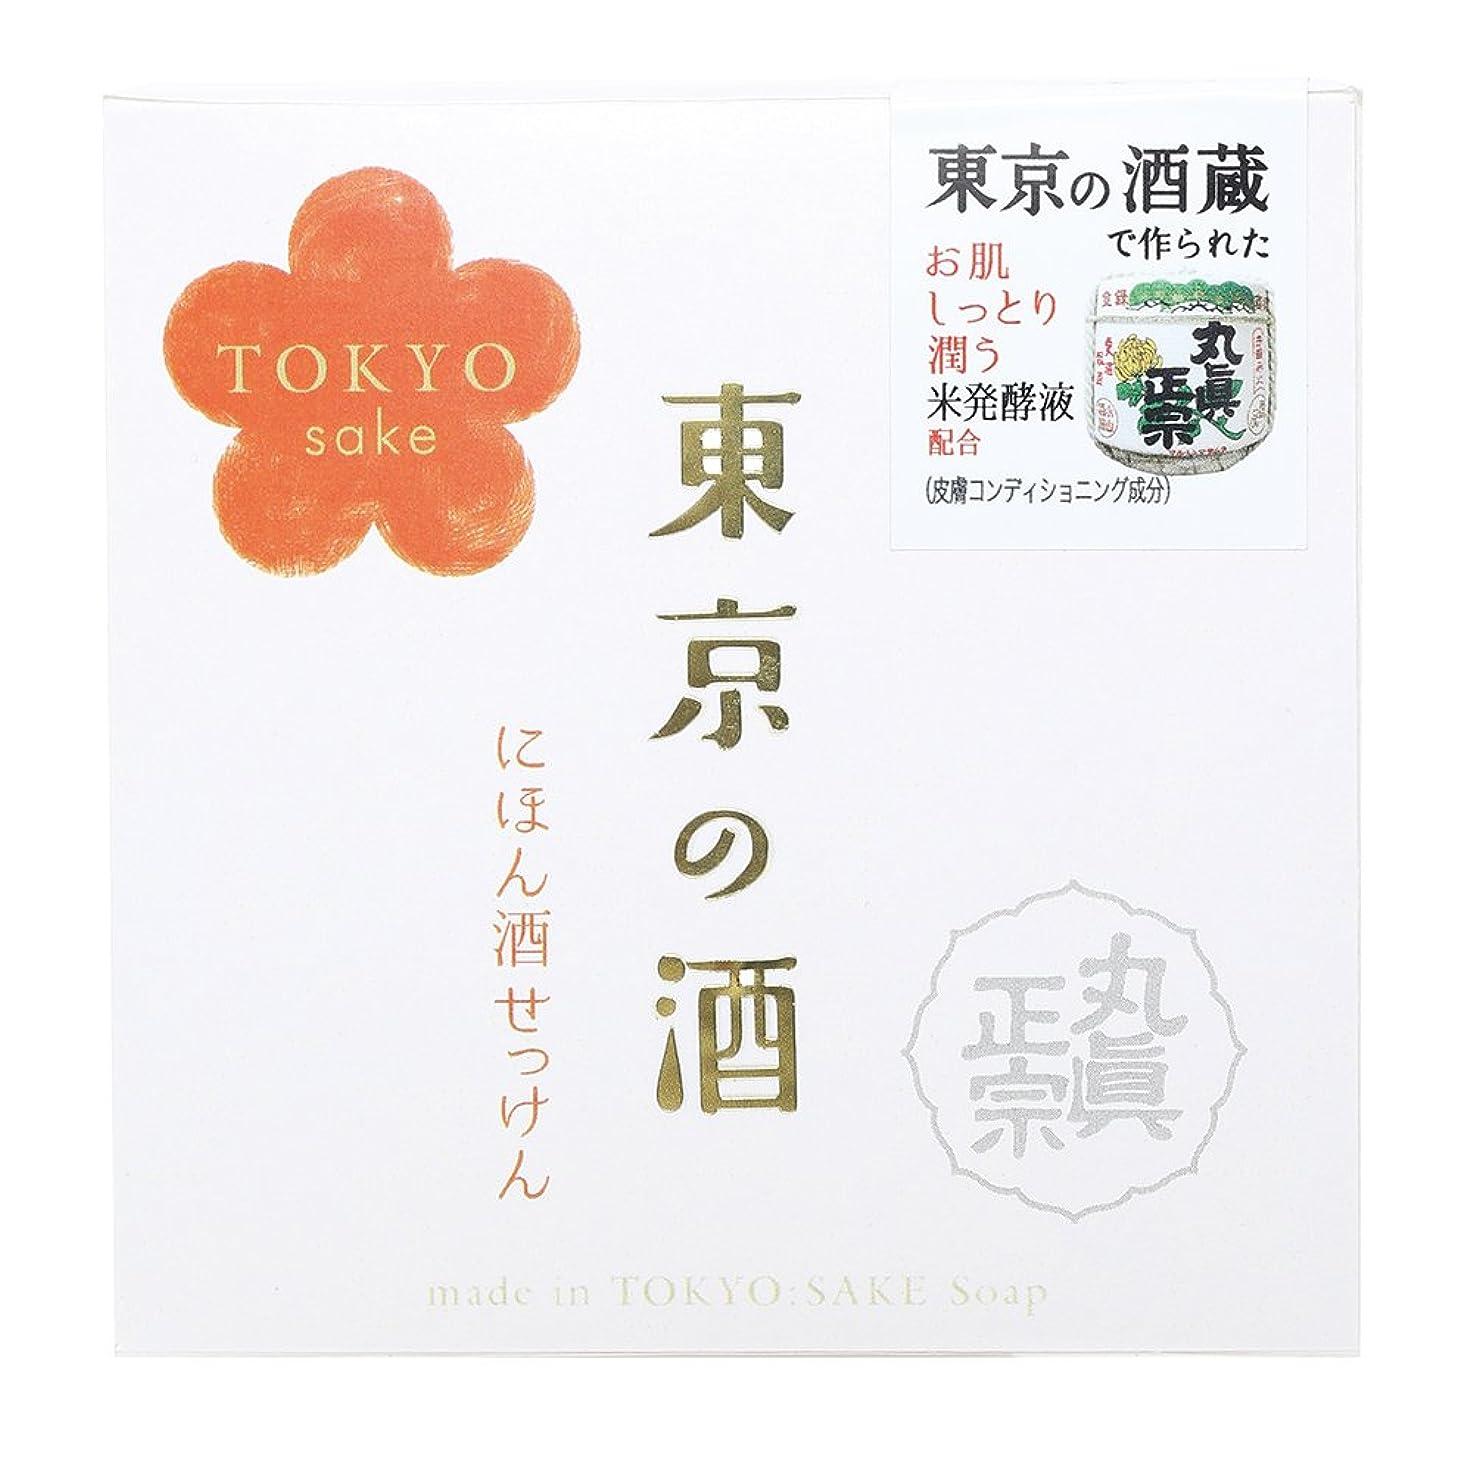 ドナウ川死収入ノルコーポレーション 東京の酒 石けん OB-TKY-1-1 100g